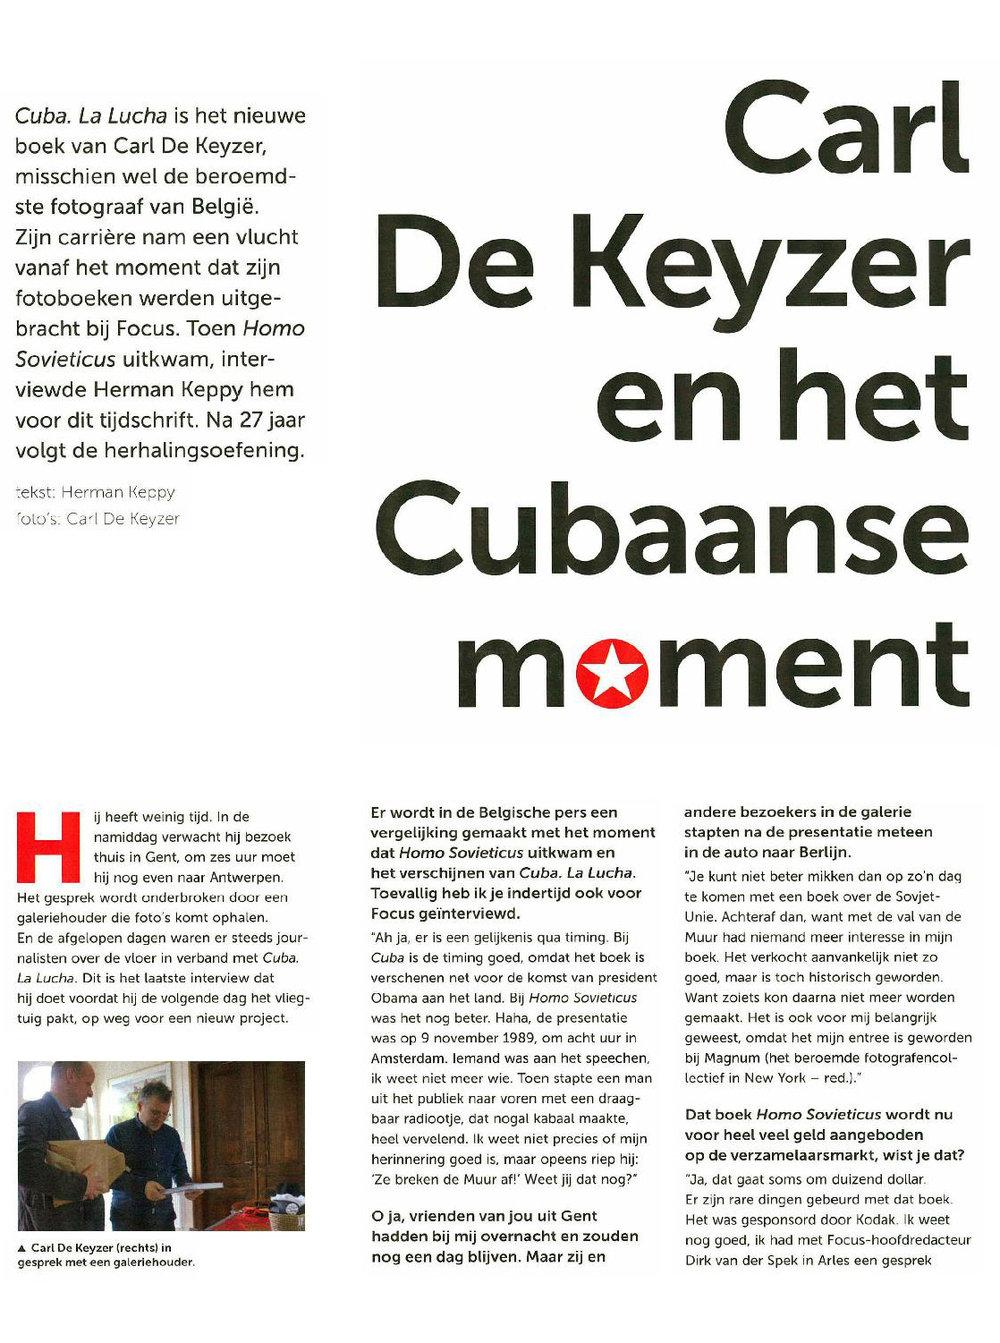 Cuba (Focus)